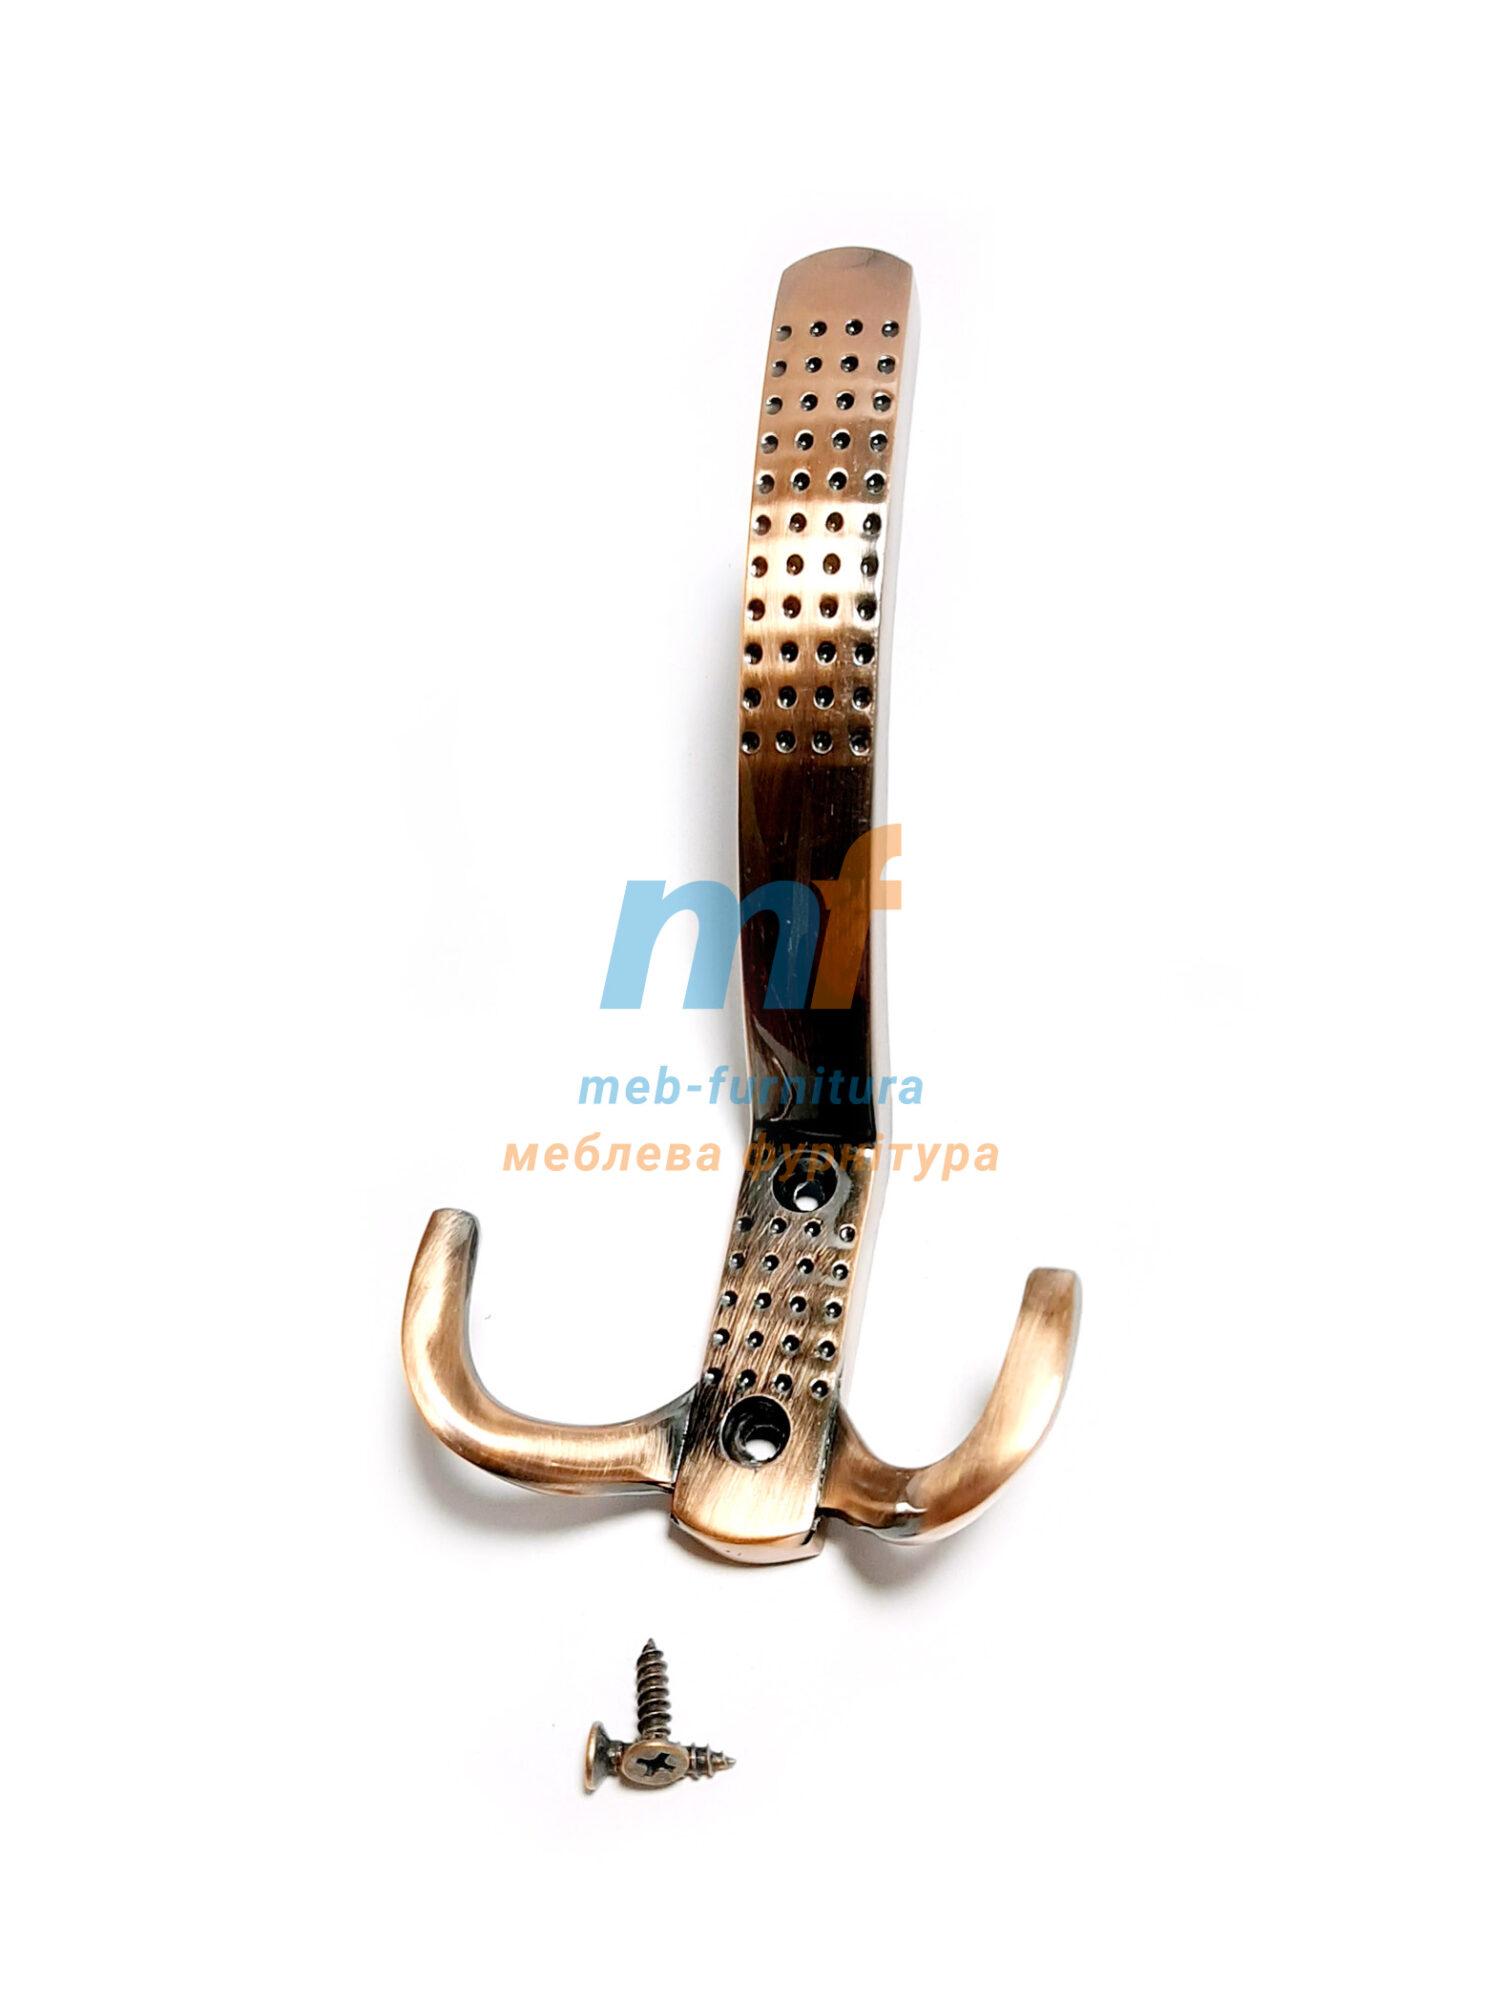 Крючок Точка большая (EKO) - коричневый